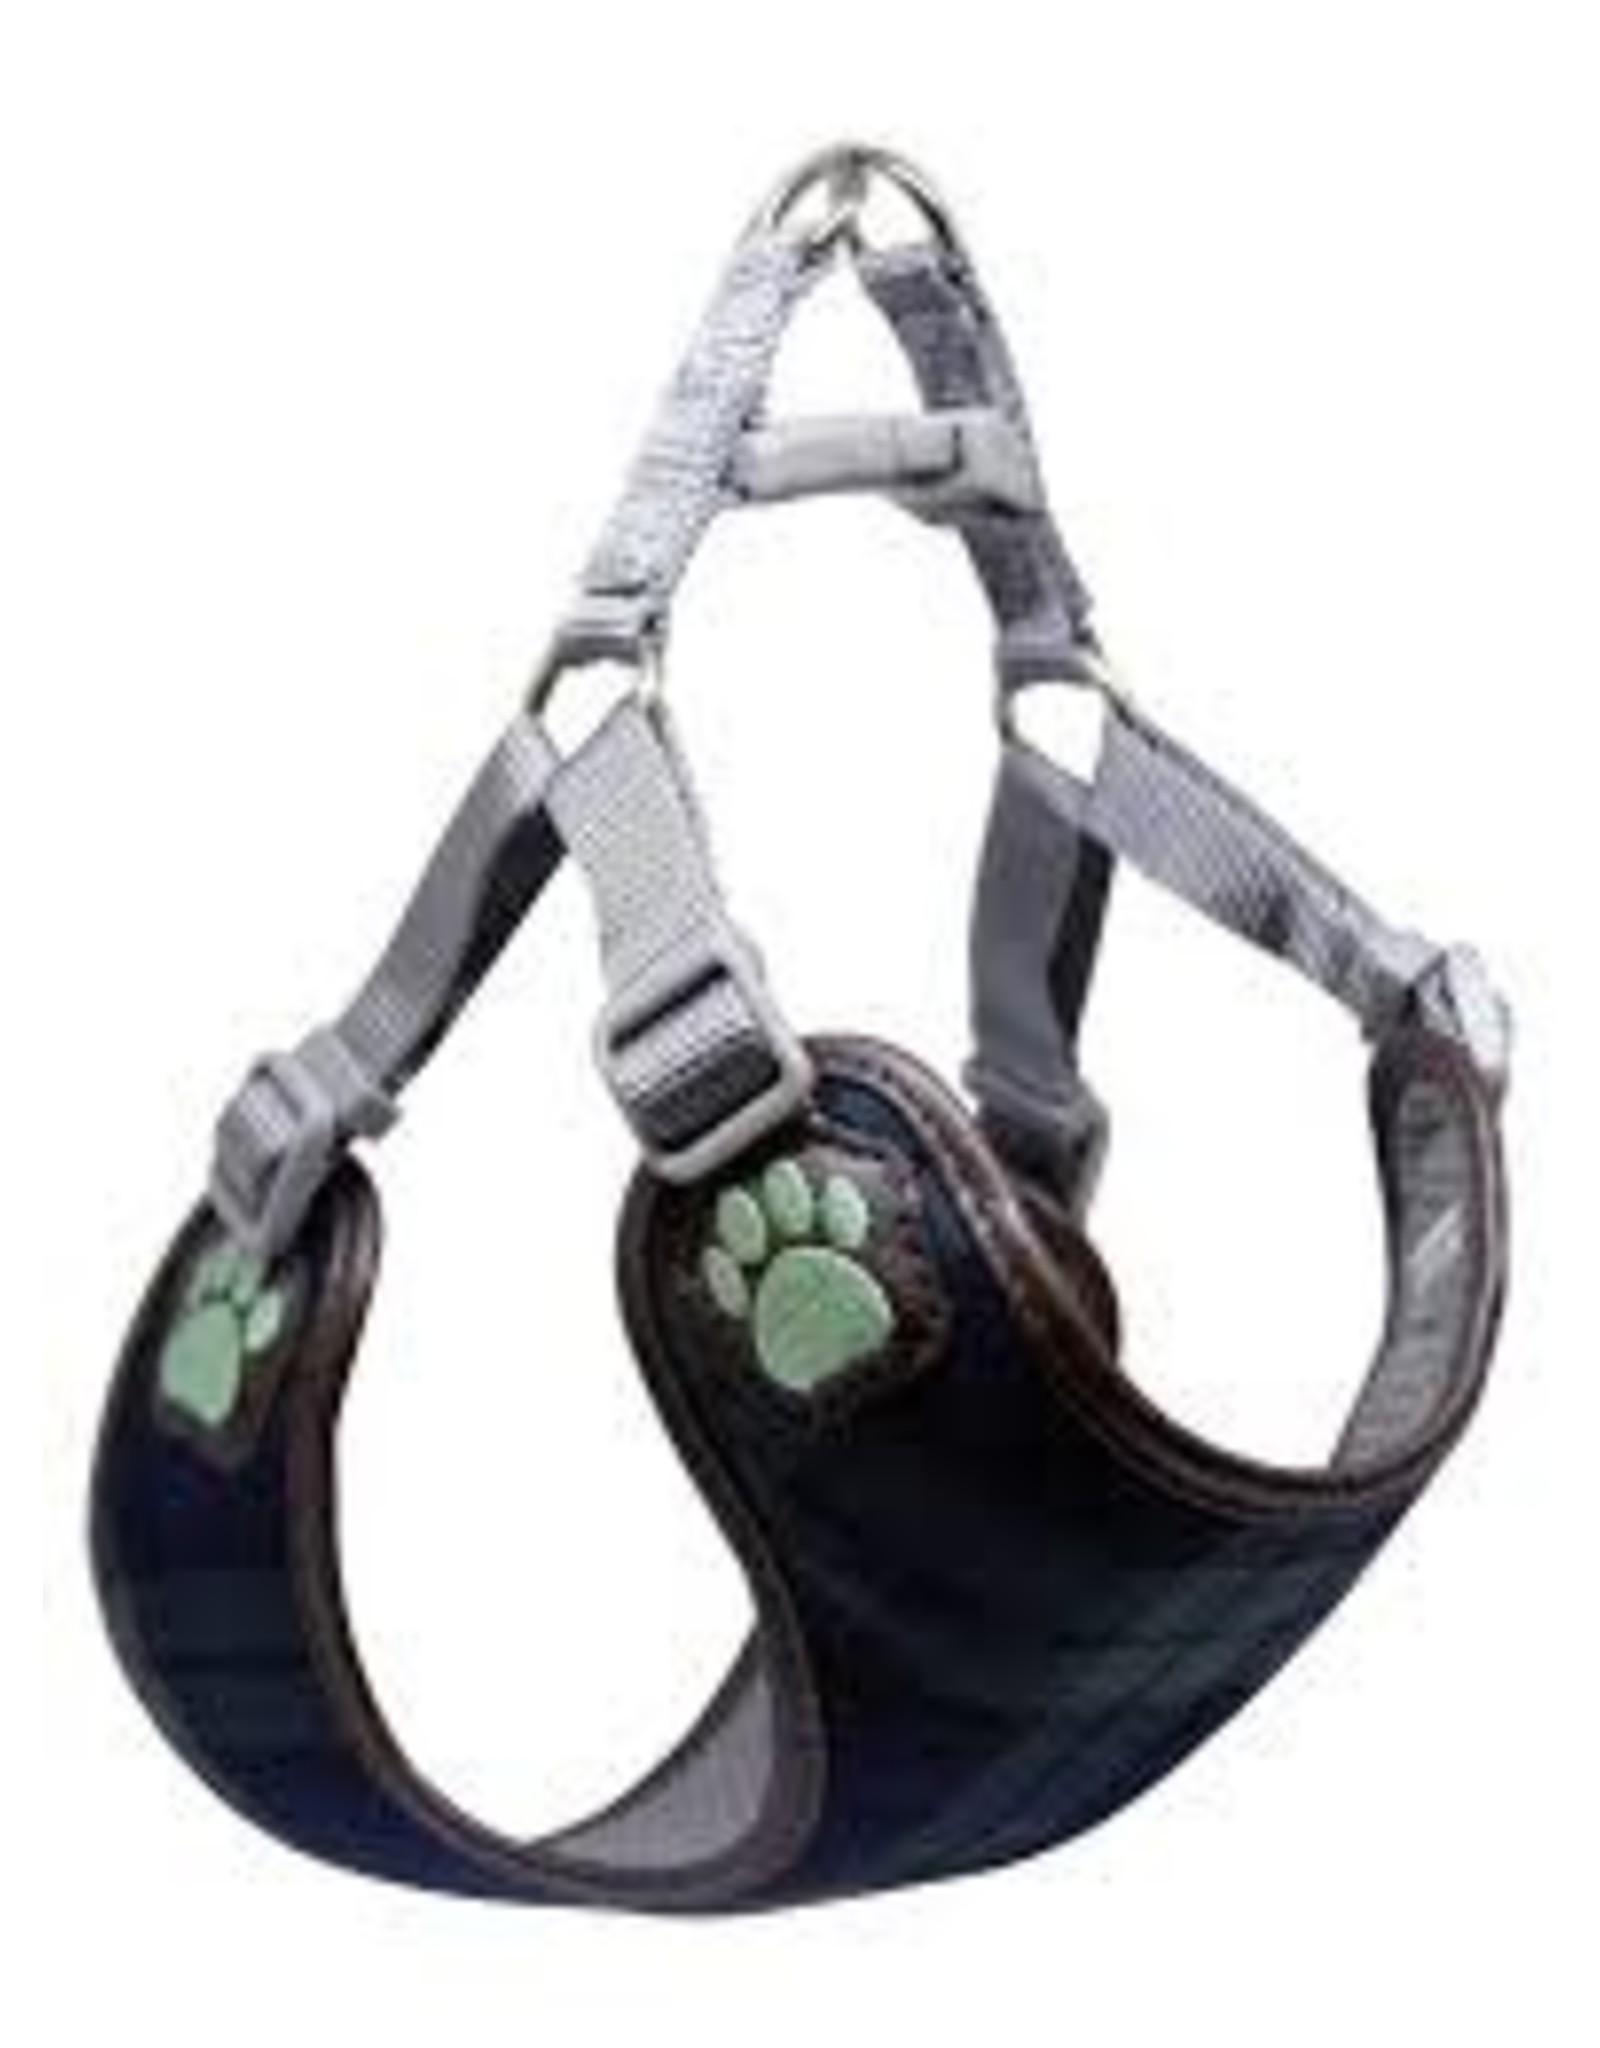 Pretty Paw Pretty Paw Harness - London Abercrombie - Size